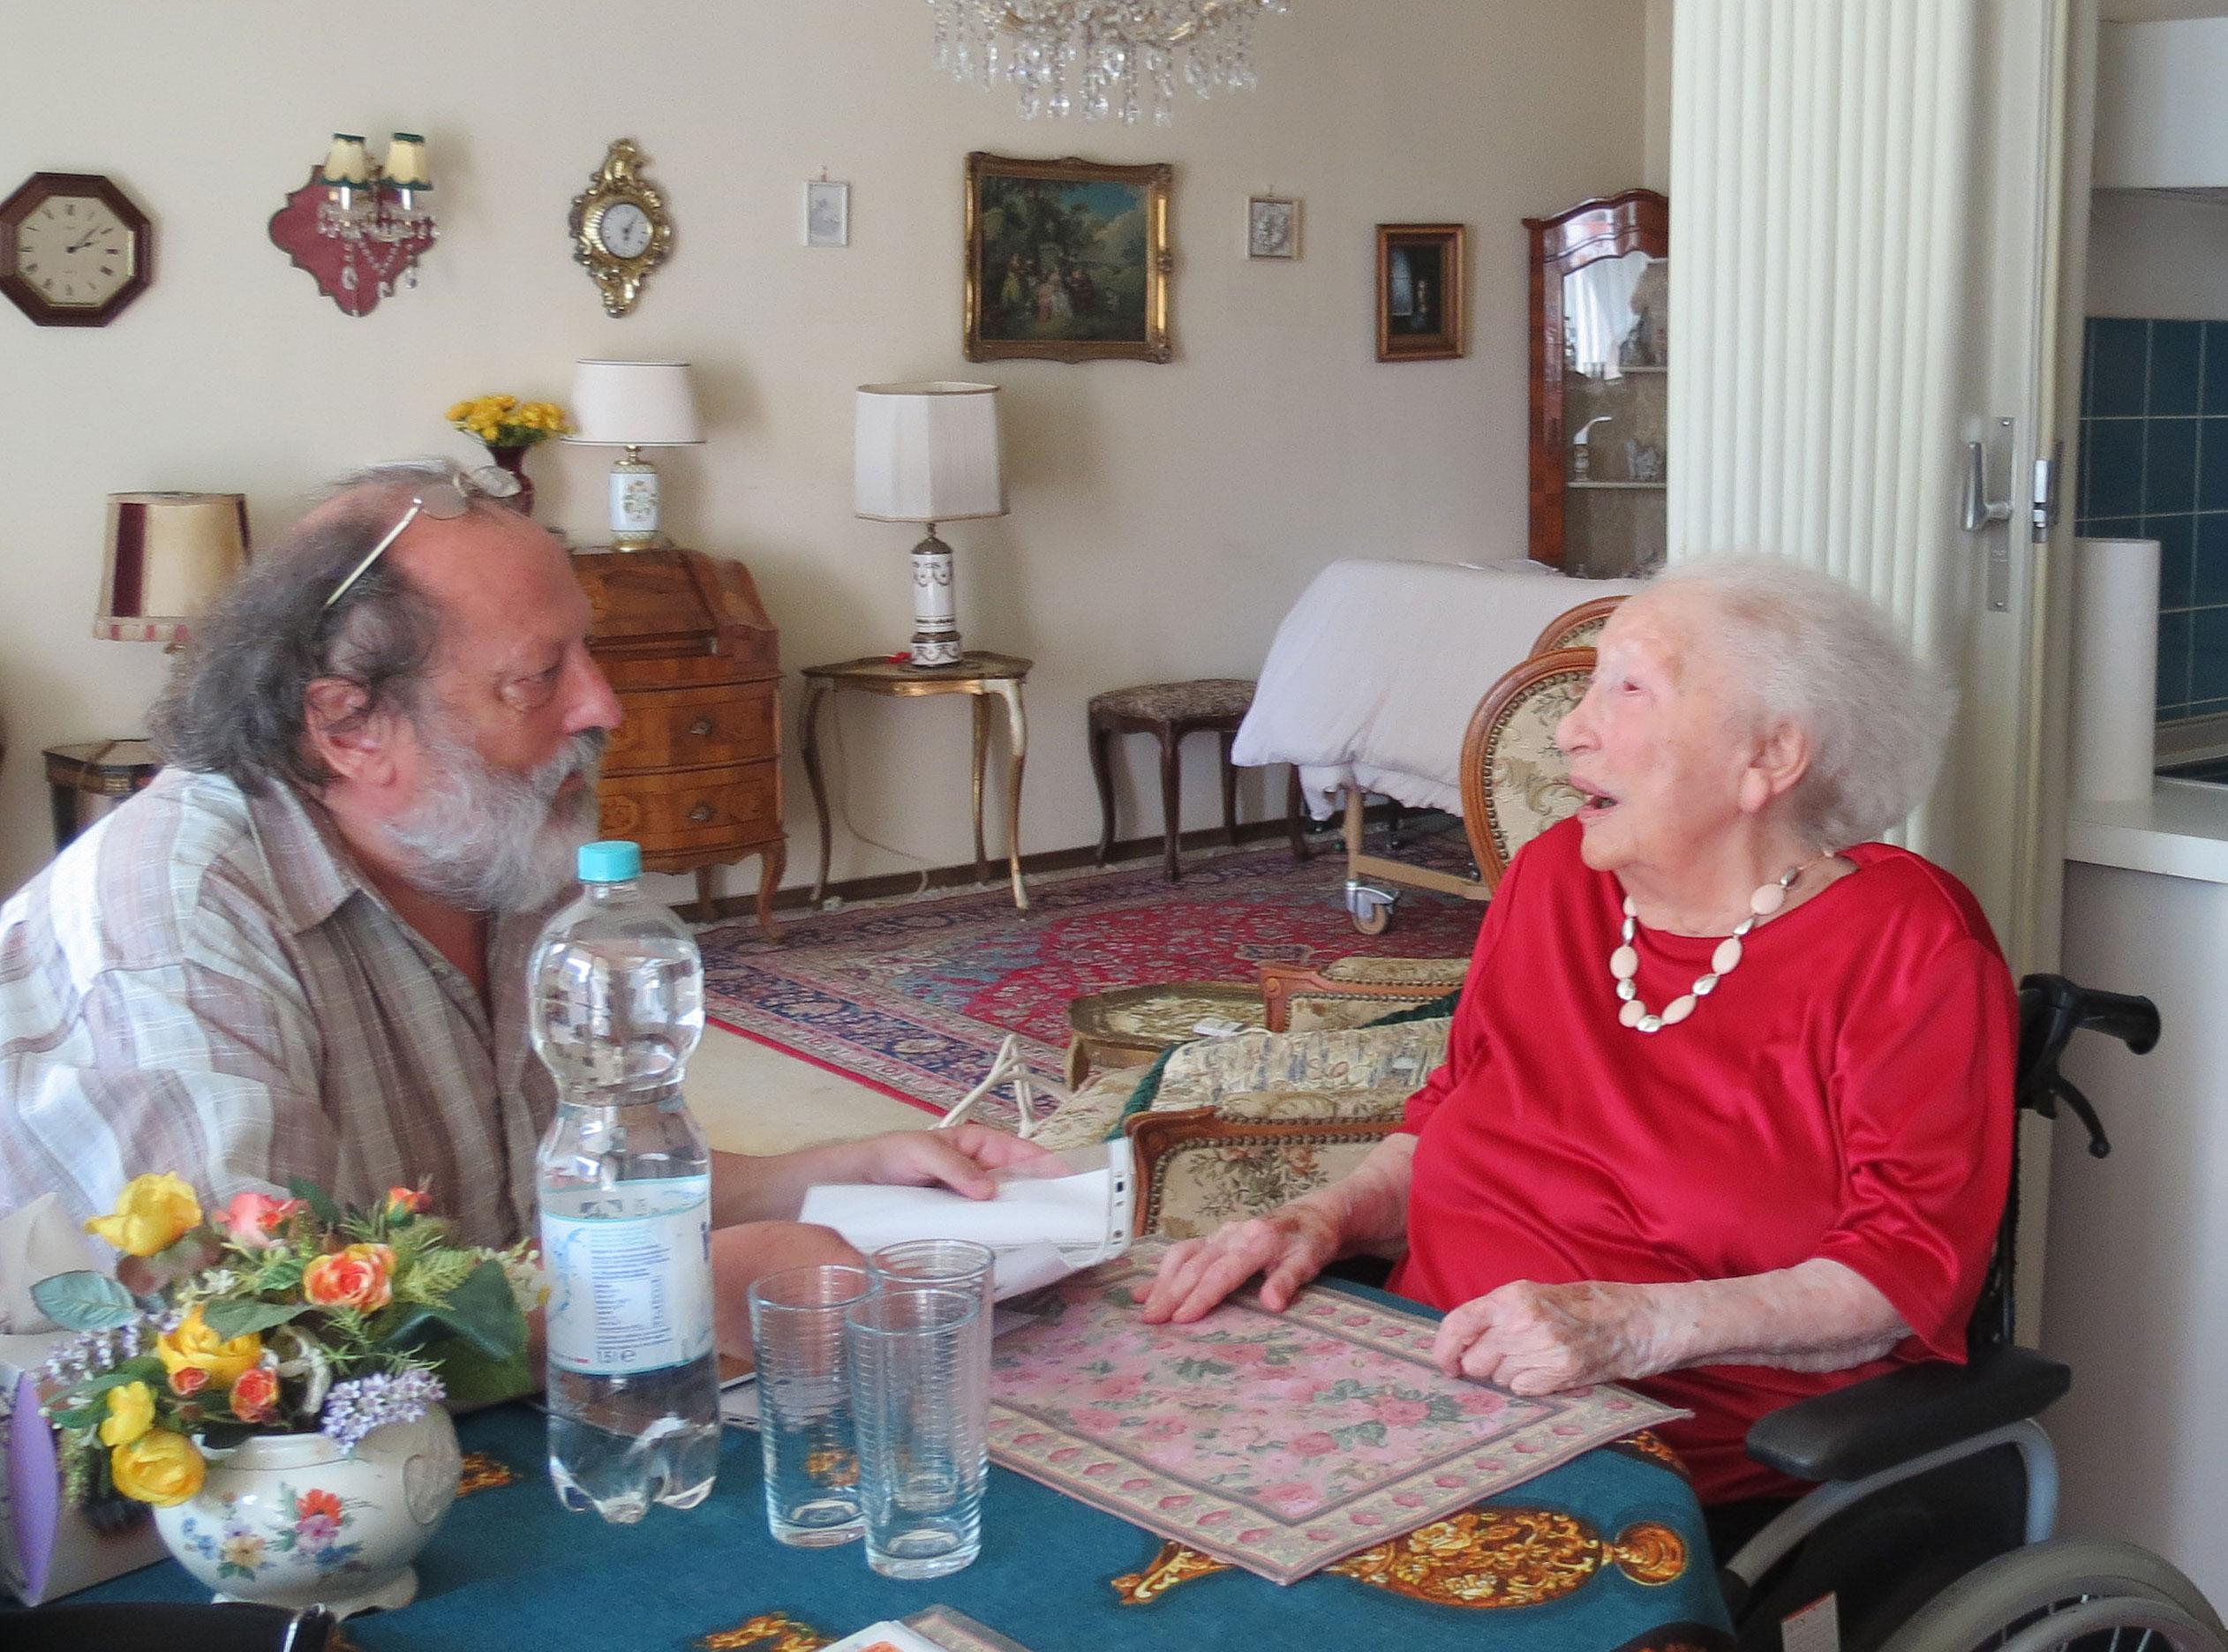 Besuch bei einer alten Dame